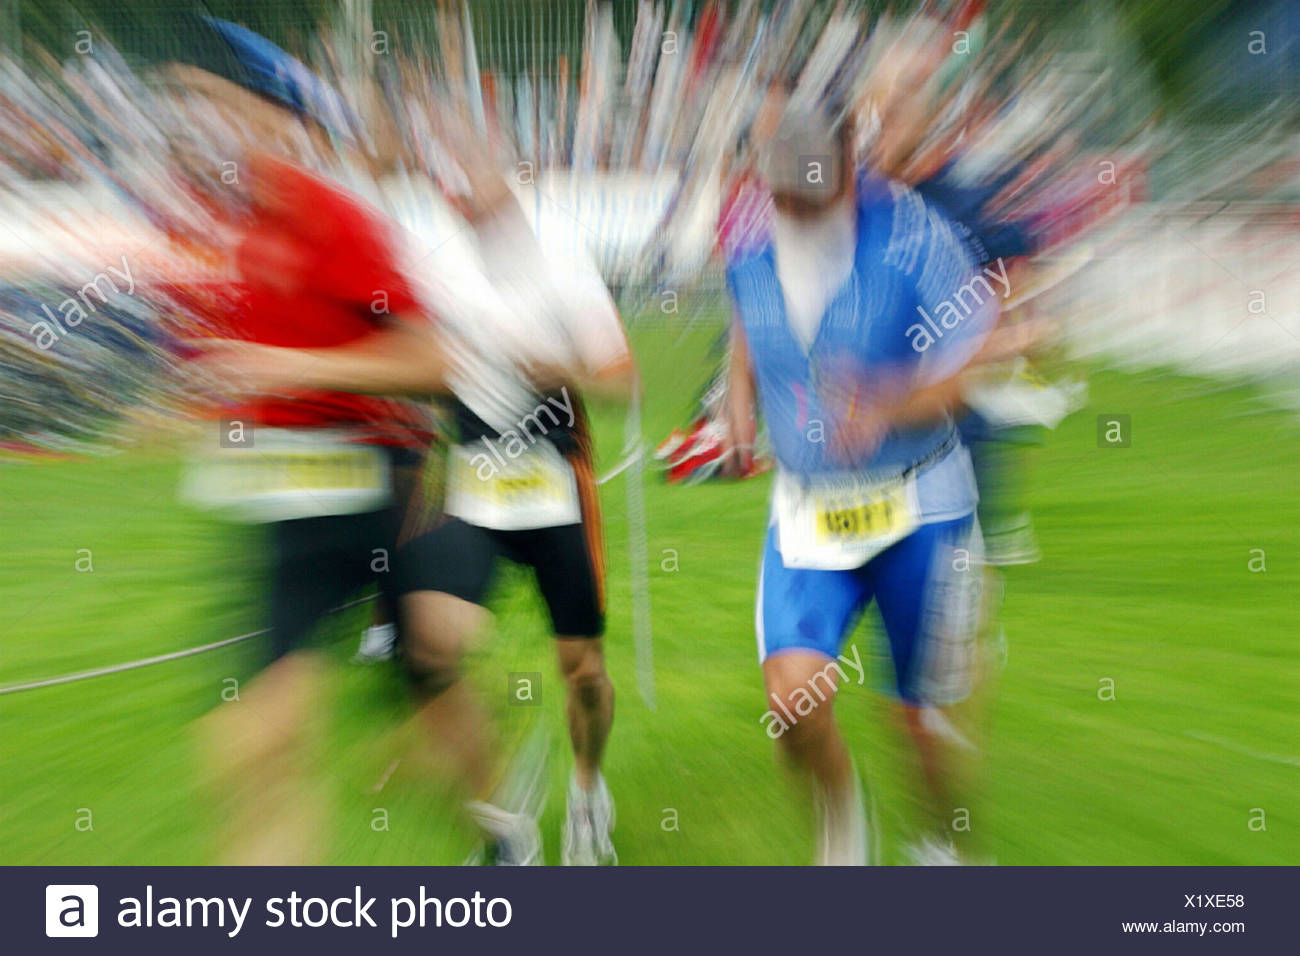 arrangement blurred effect no model release Powerman Zofingen runner running sports people Switzerland Eur - Stock Image